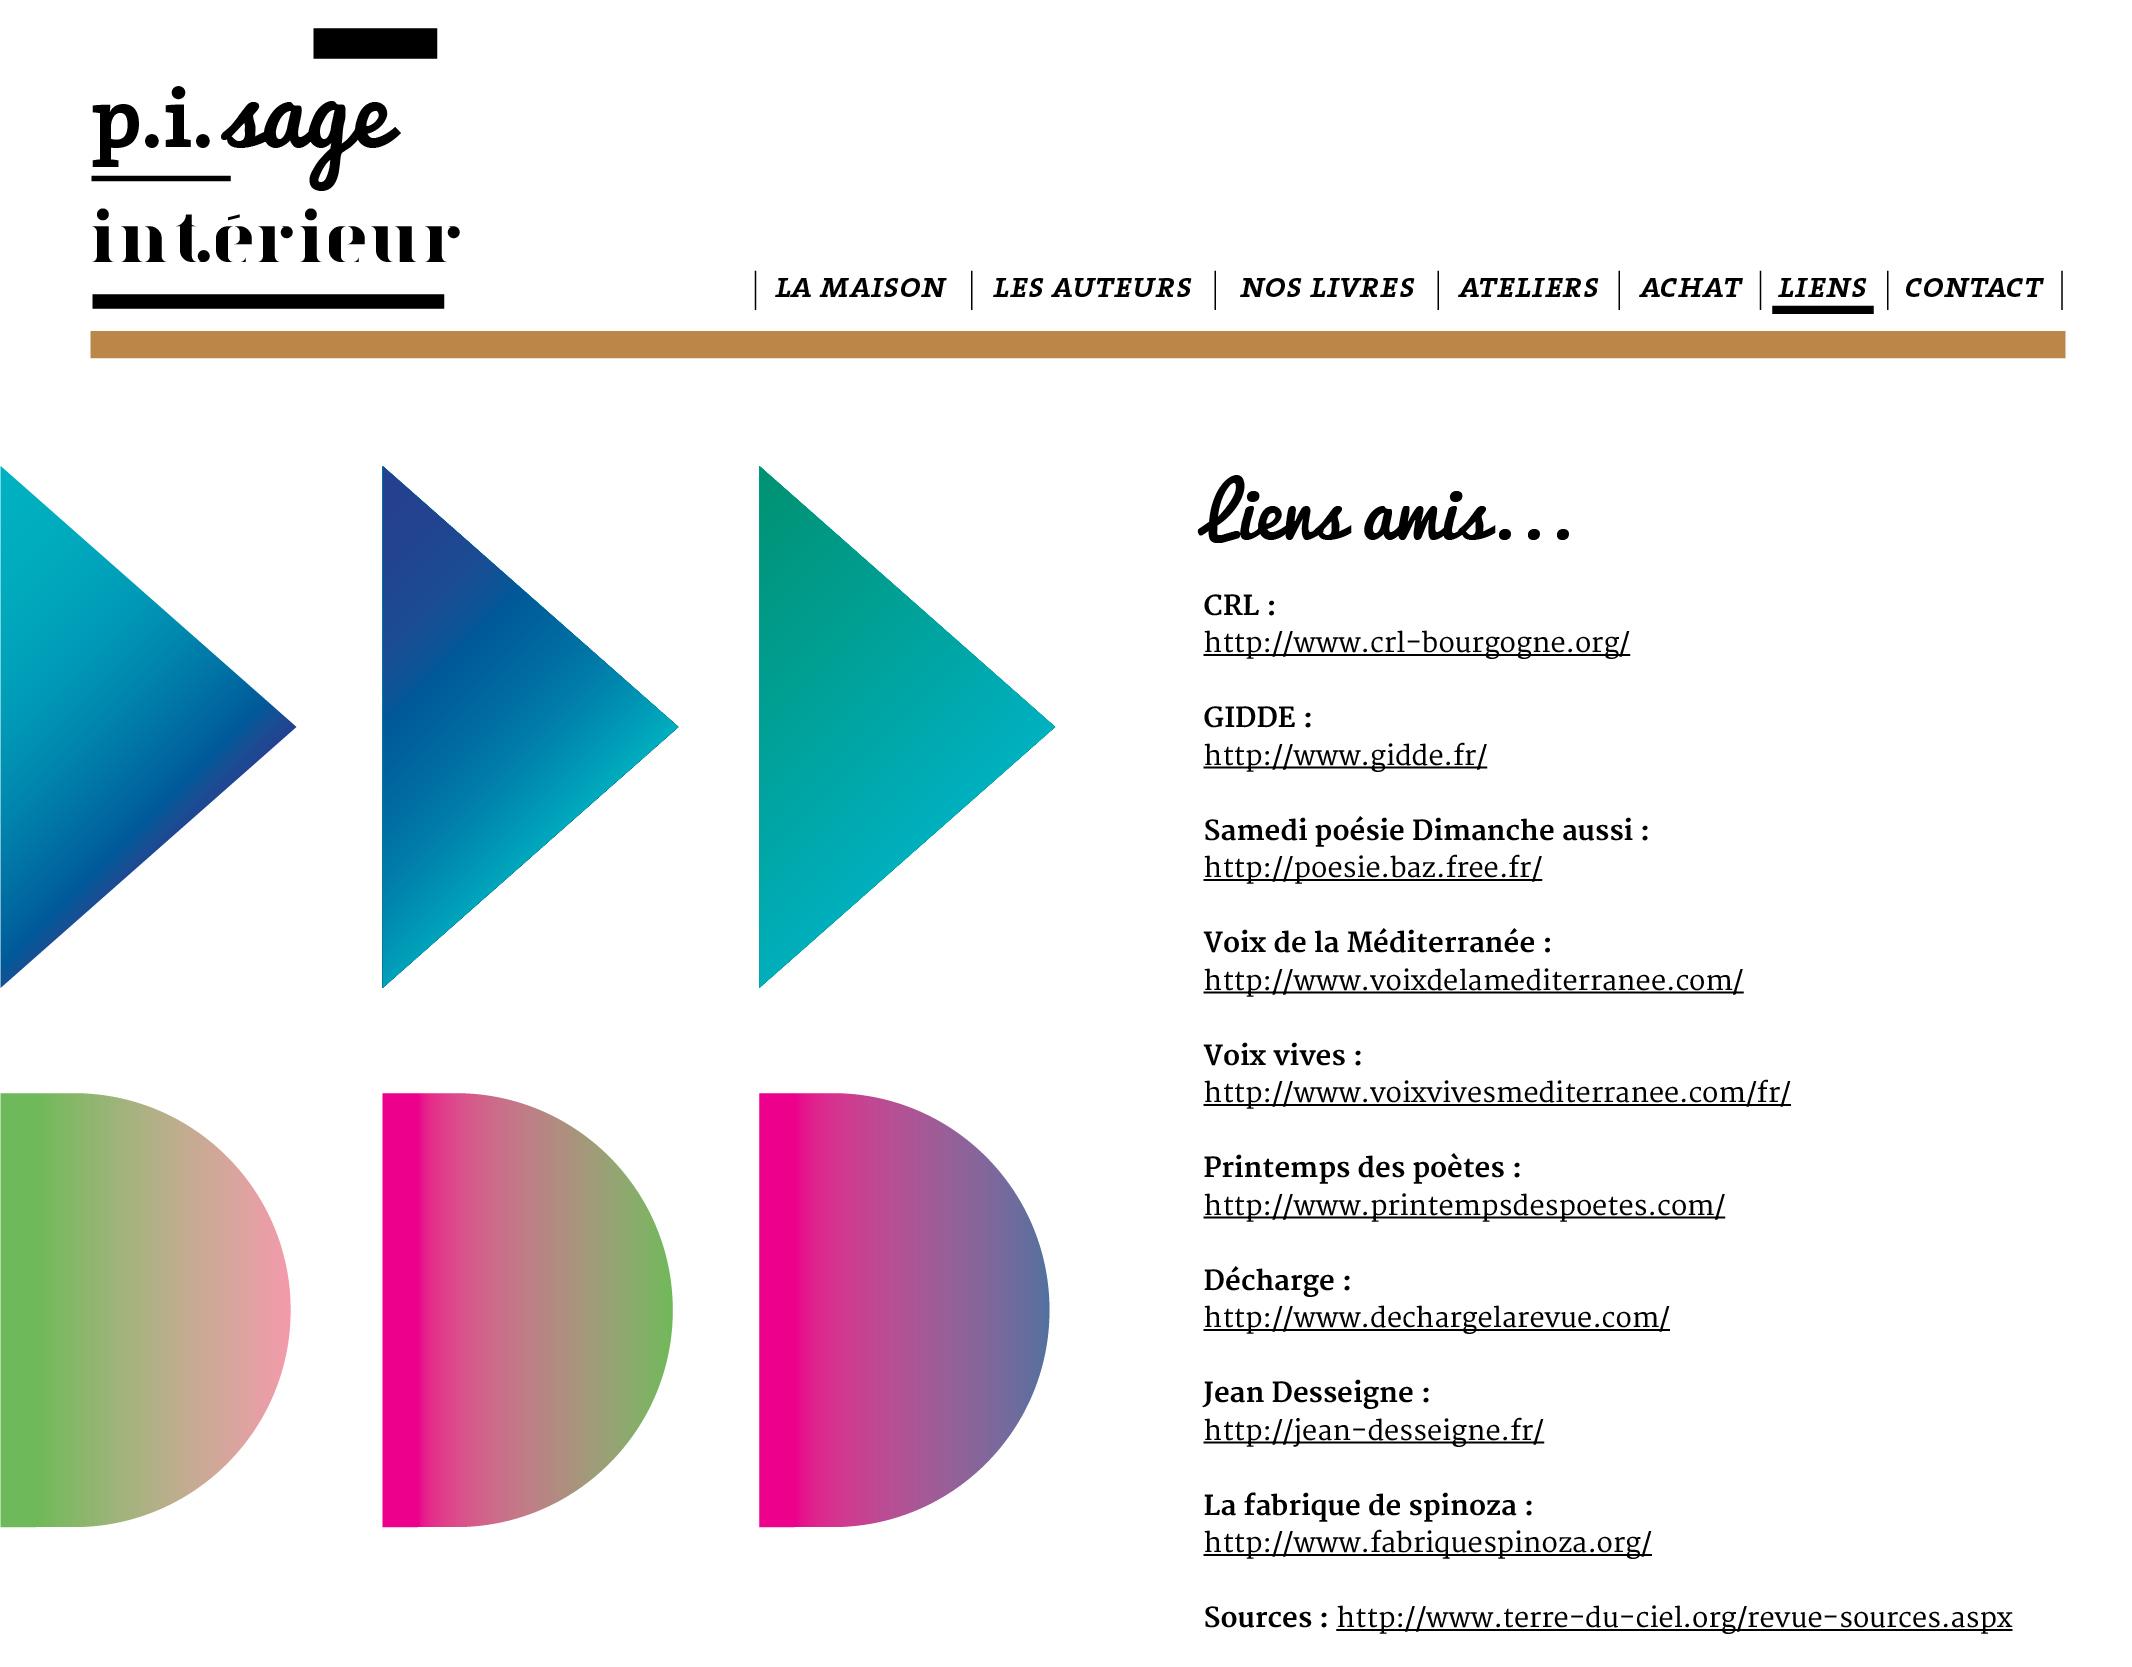 site-pisage-interieur9